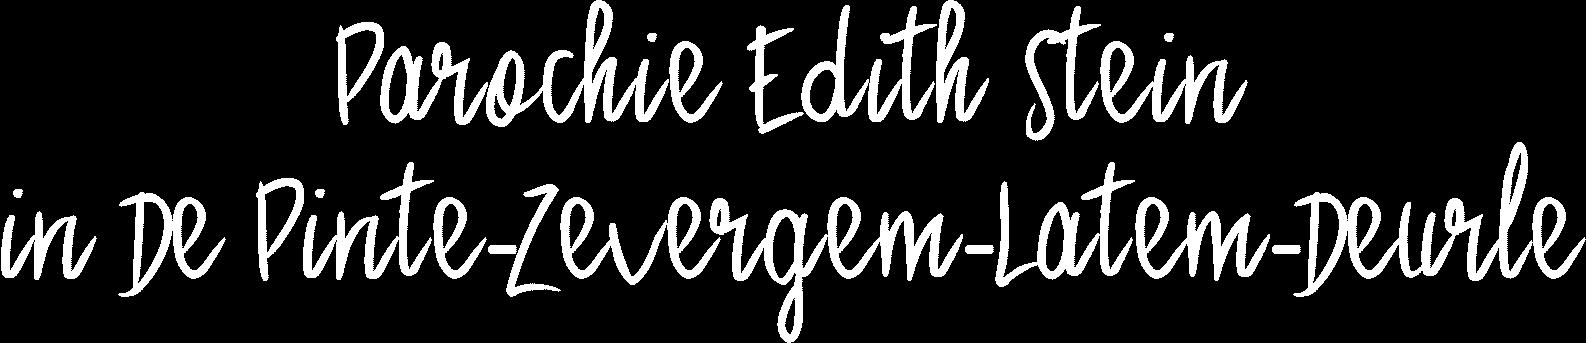 Parochie De Pinte-Zevergem logo